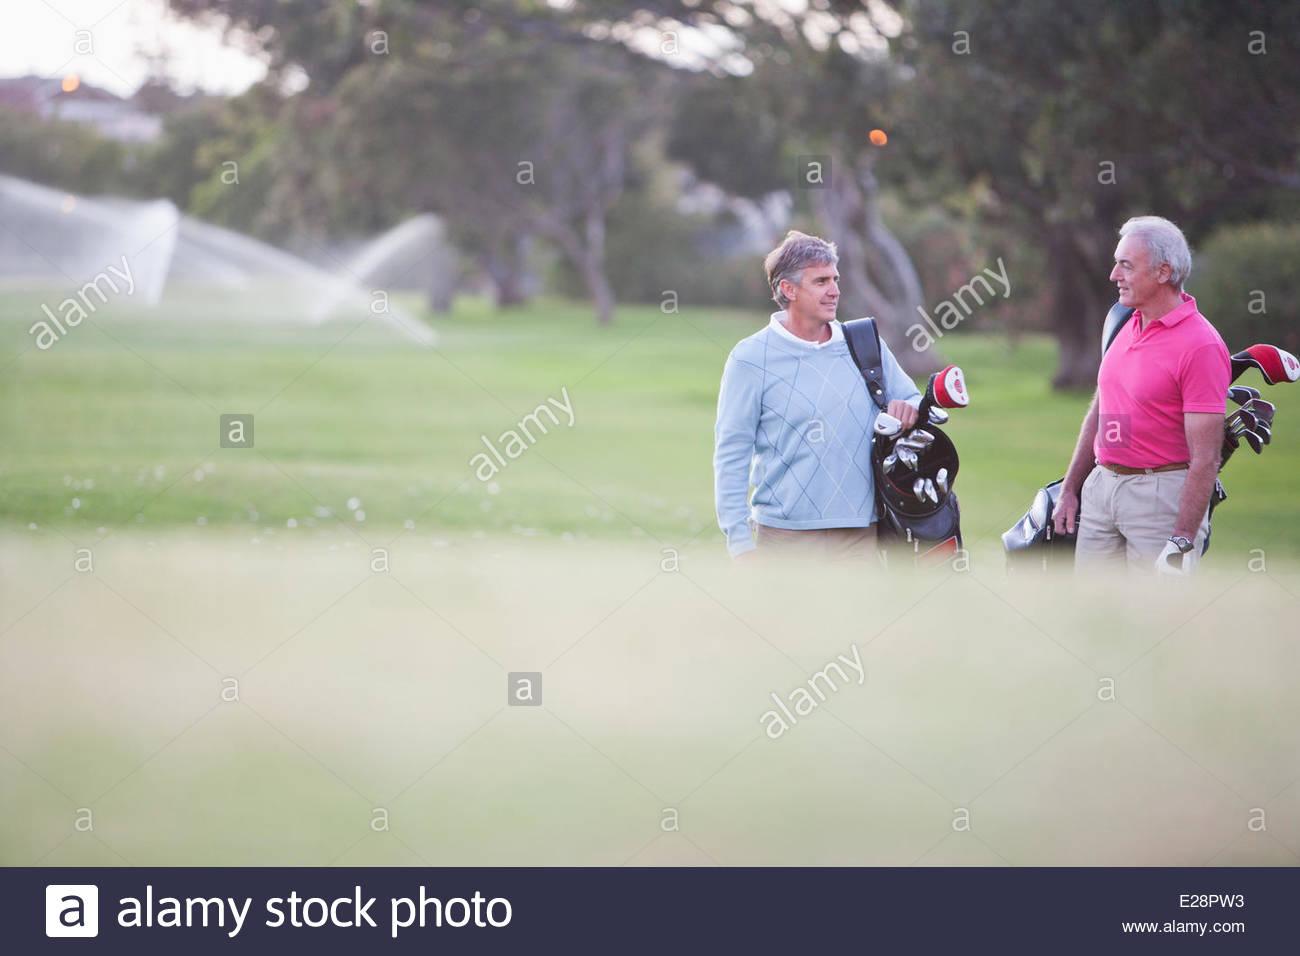 Les hommes tirant des voiturettes de golf Photo Stock